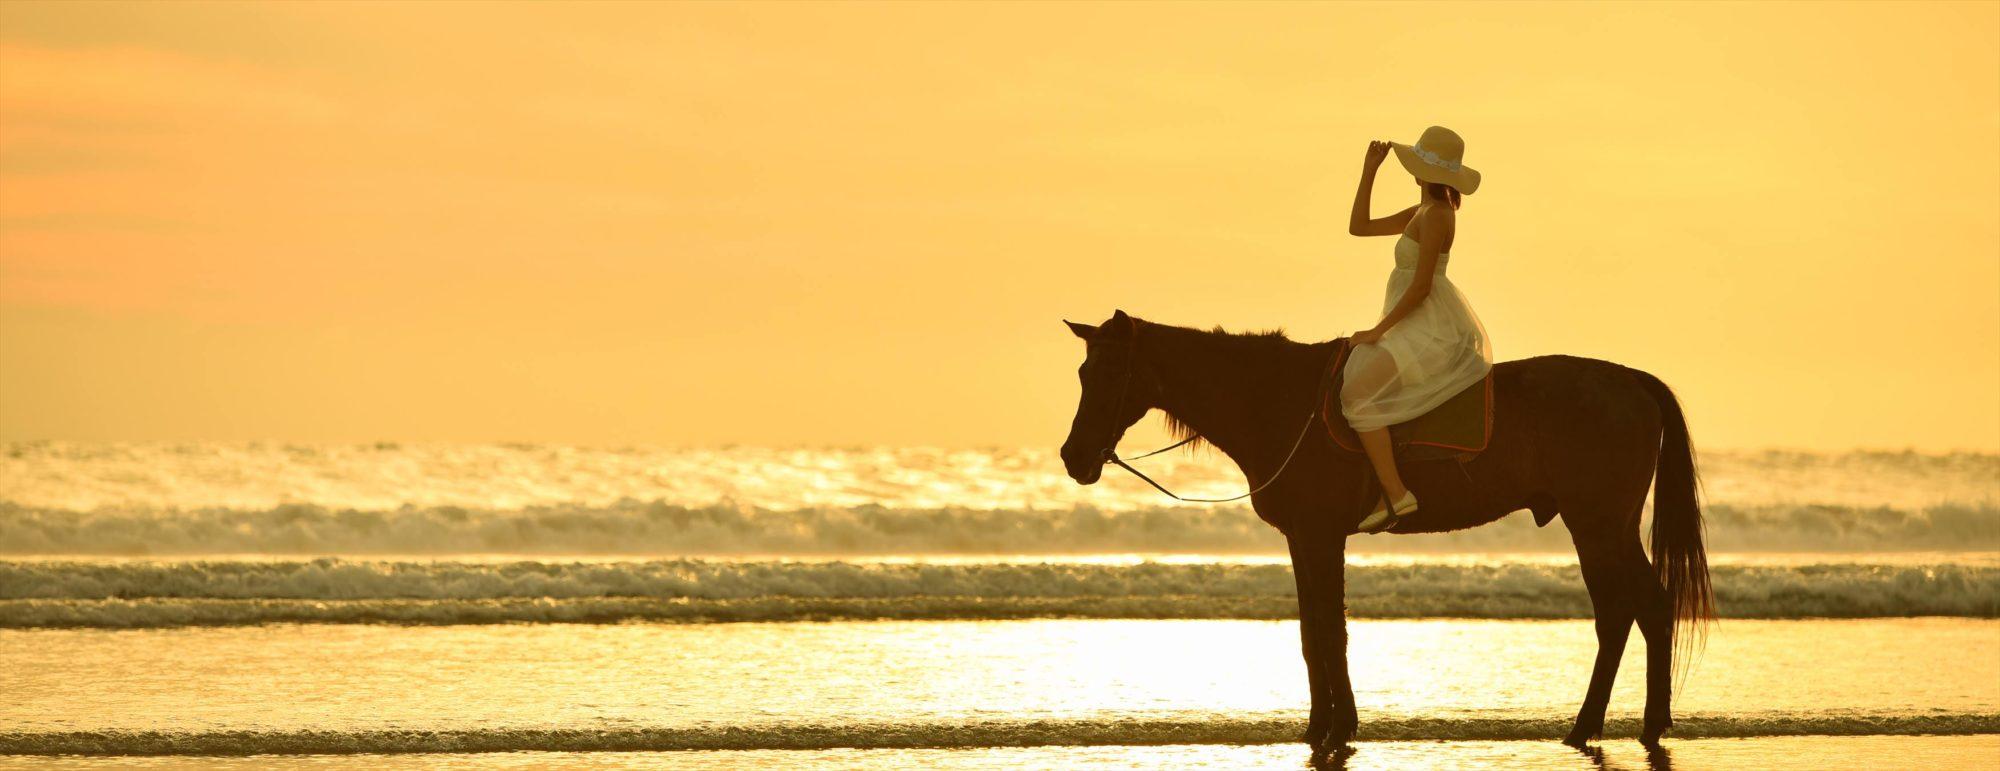 バリ島フォトウェディング Seminyak Beach Horse Riding スミニャック・ビーチ・ホース・ライディング